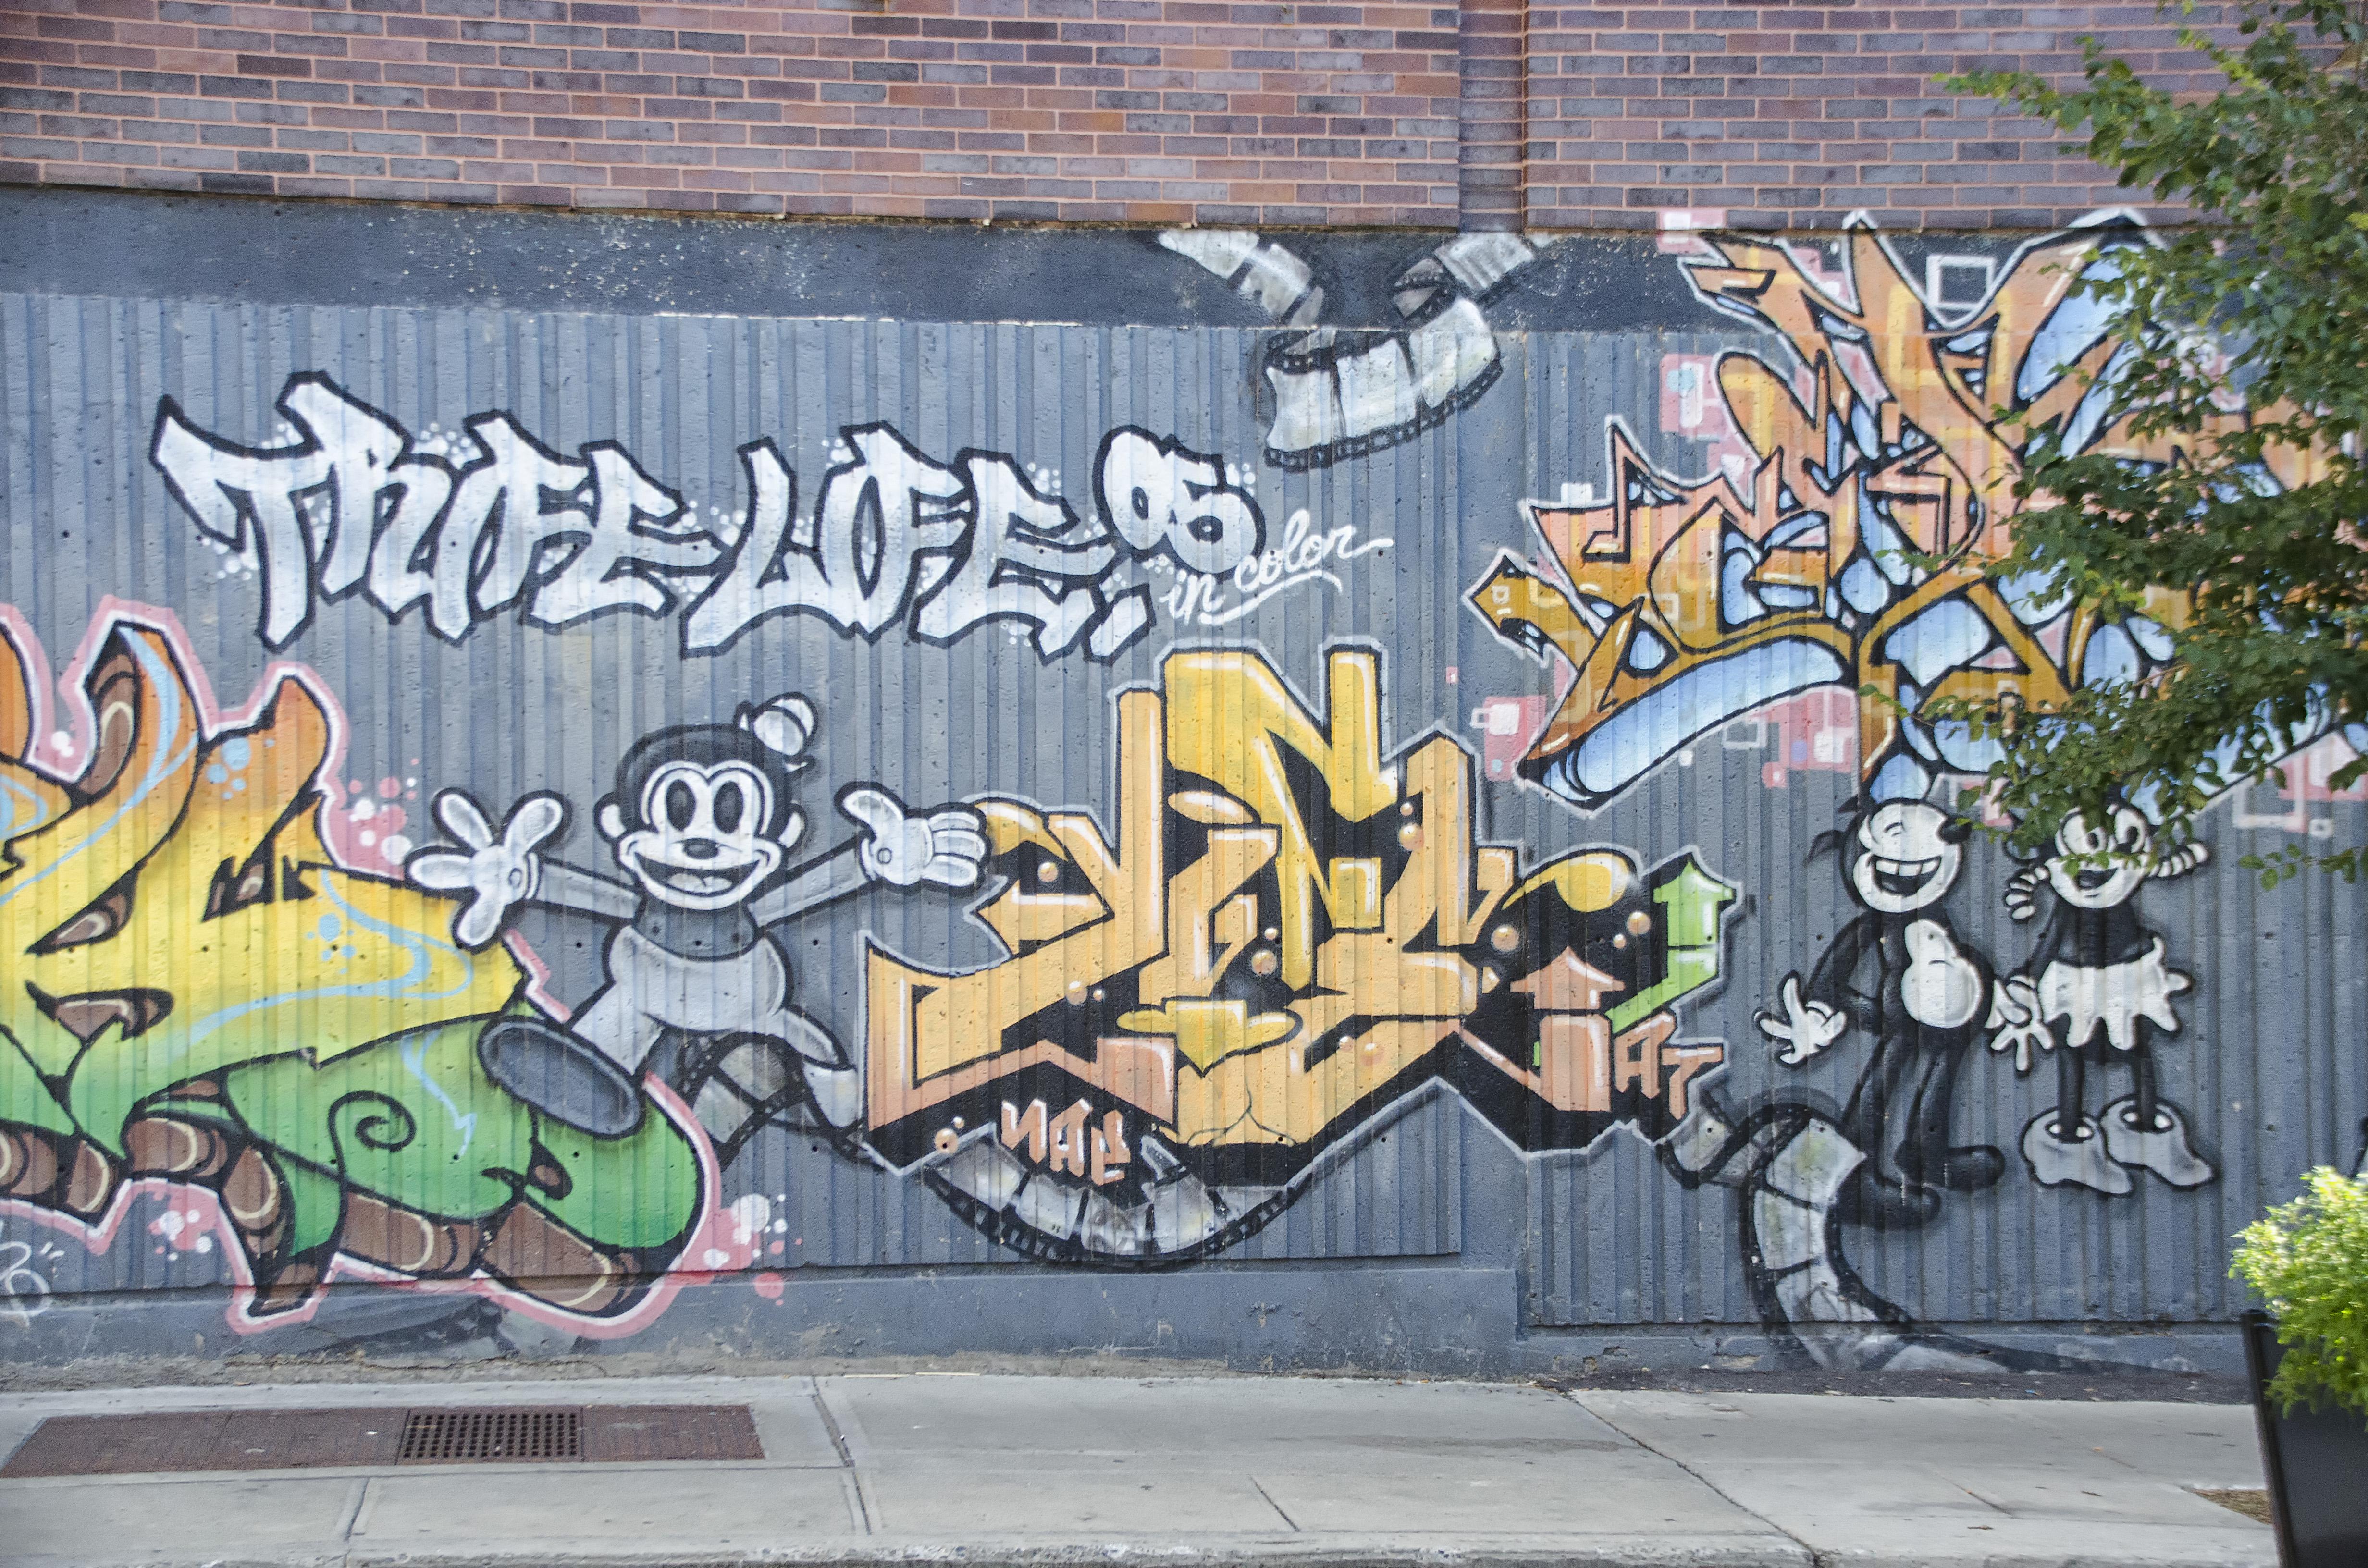 Road street city wall graffiti street art art de of canada mural quebec montreal ville neighbourhood